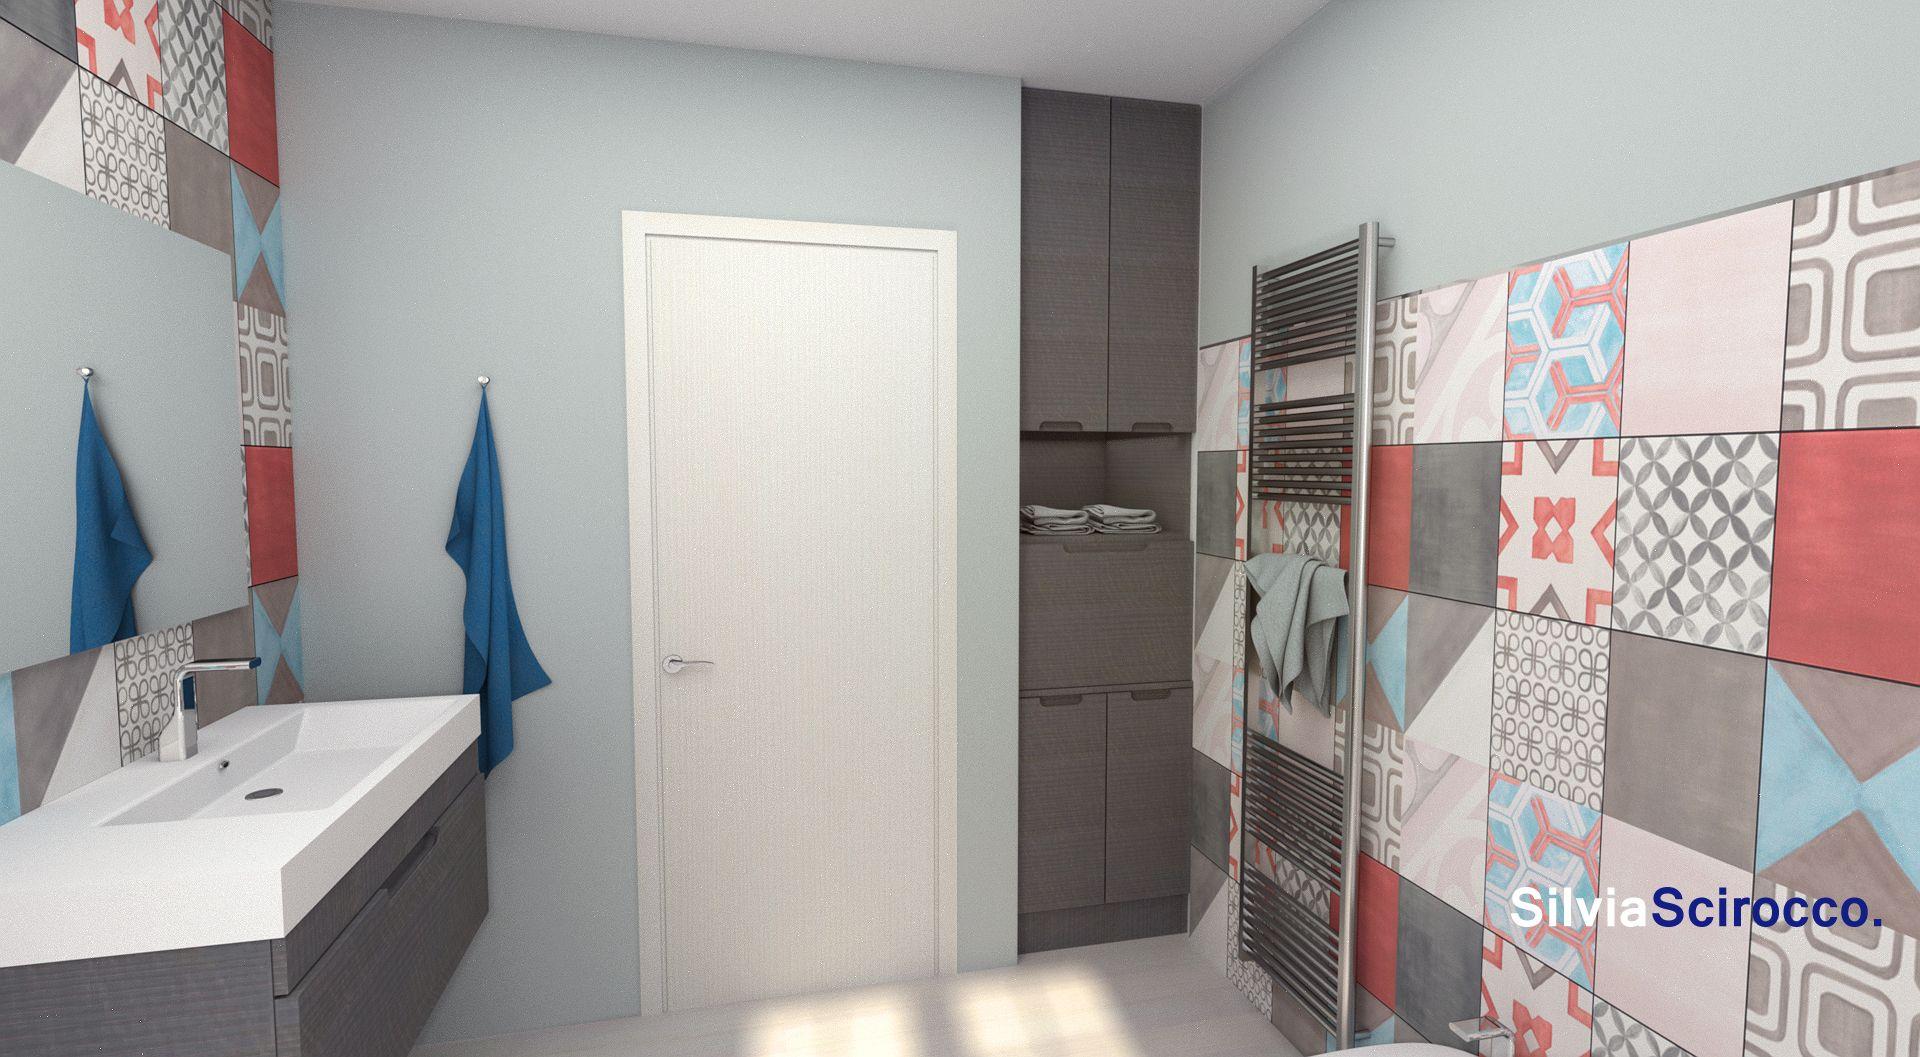 Mobile lavanderia su misura nasconde la lavatrice e ha un cassetto a ribalta per i panni da - Mobili lavanderia su misura ...